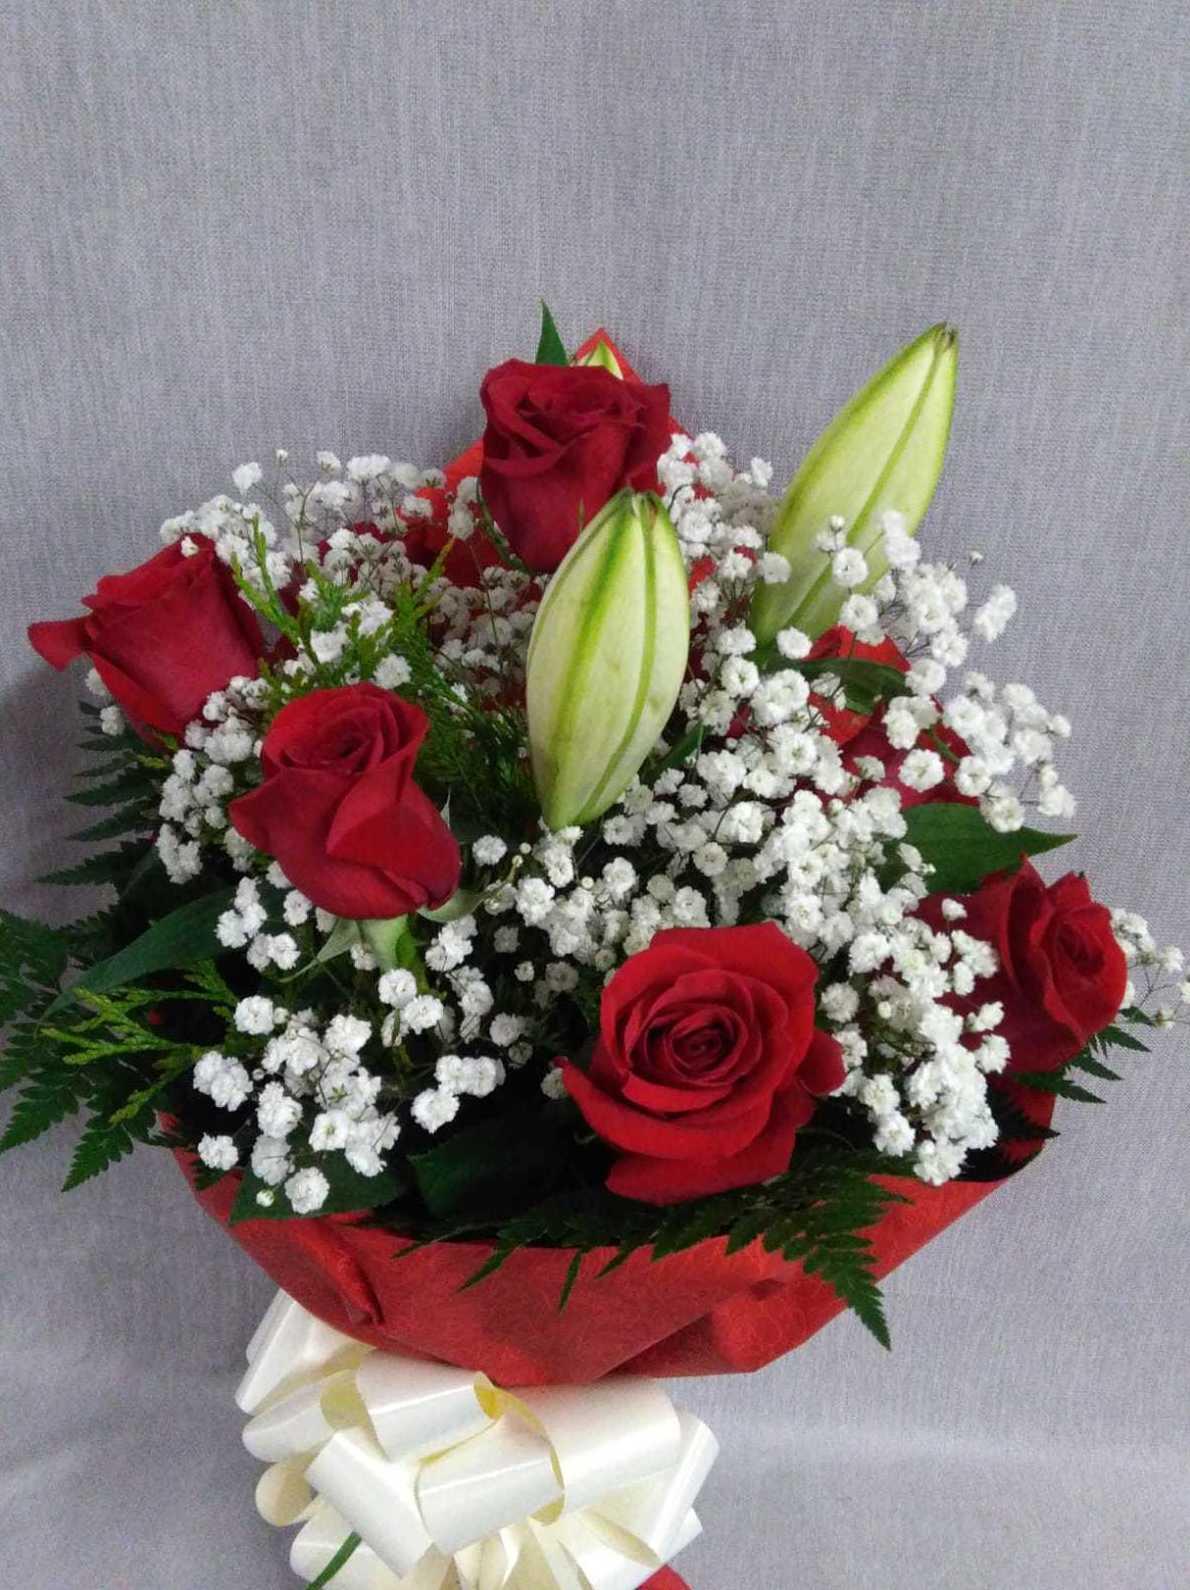 6 rosas rojas y un lilium blanco cerrado